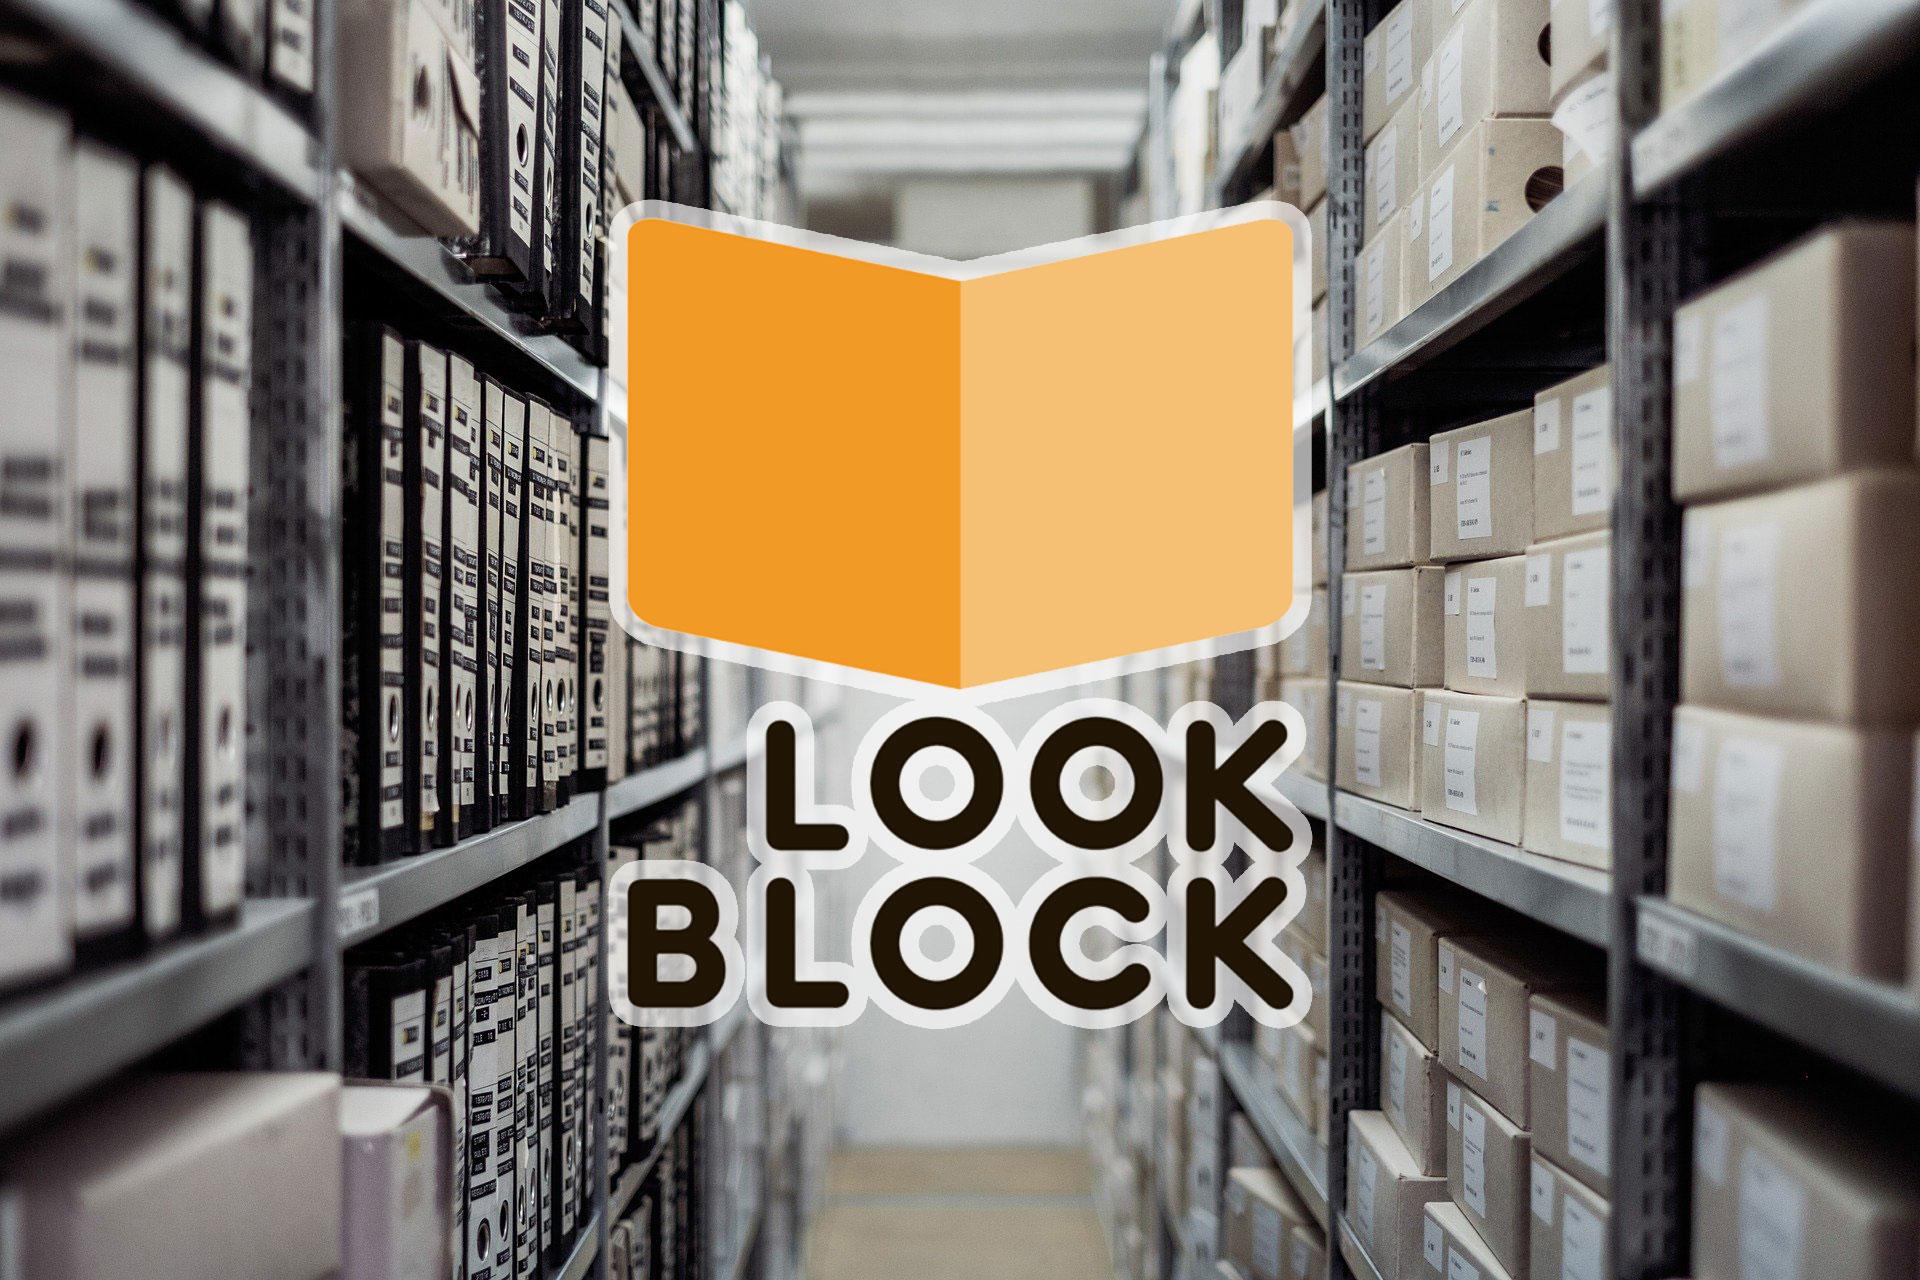 マネックス子会社、仮想通貨・ブロックチェーンに関するデータベース「LOOKBLOCK」正式ローンチ